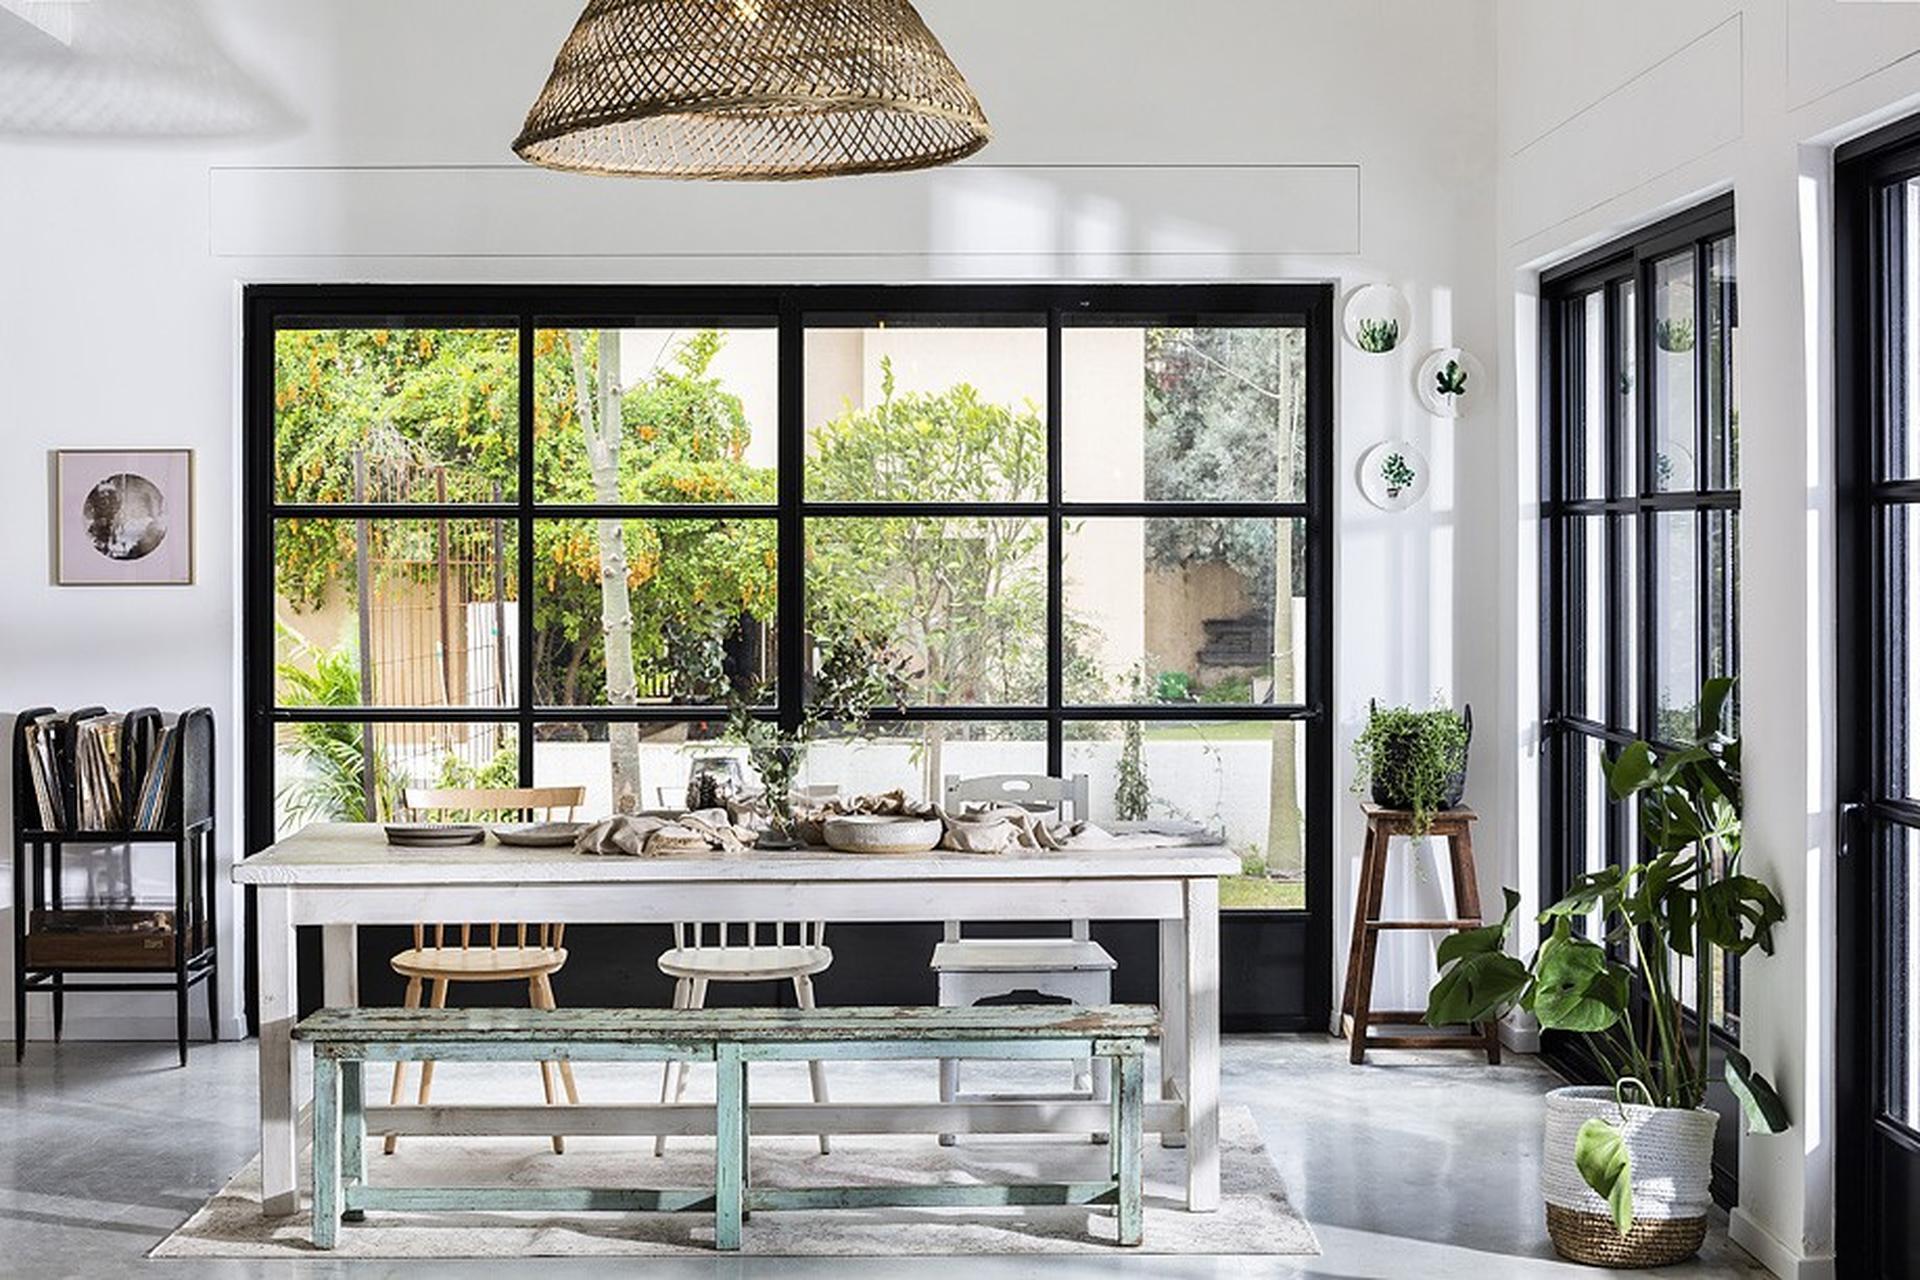 דלתות הזכוכית חושפות את הגינה. סטיילינג: דיאנה לינדר. צילום: בועז לביא